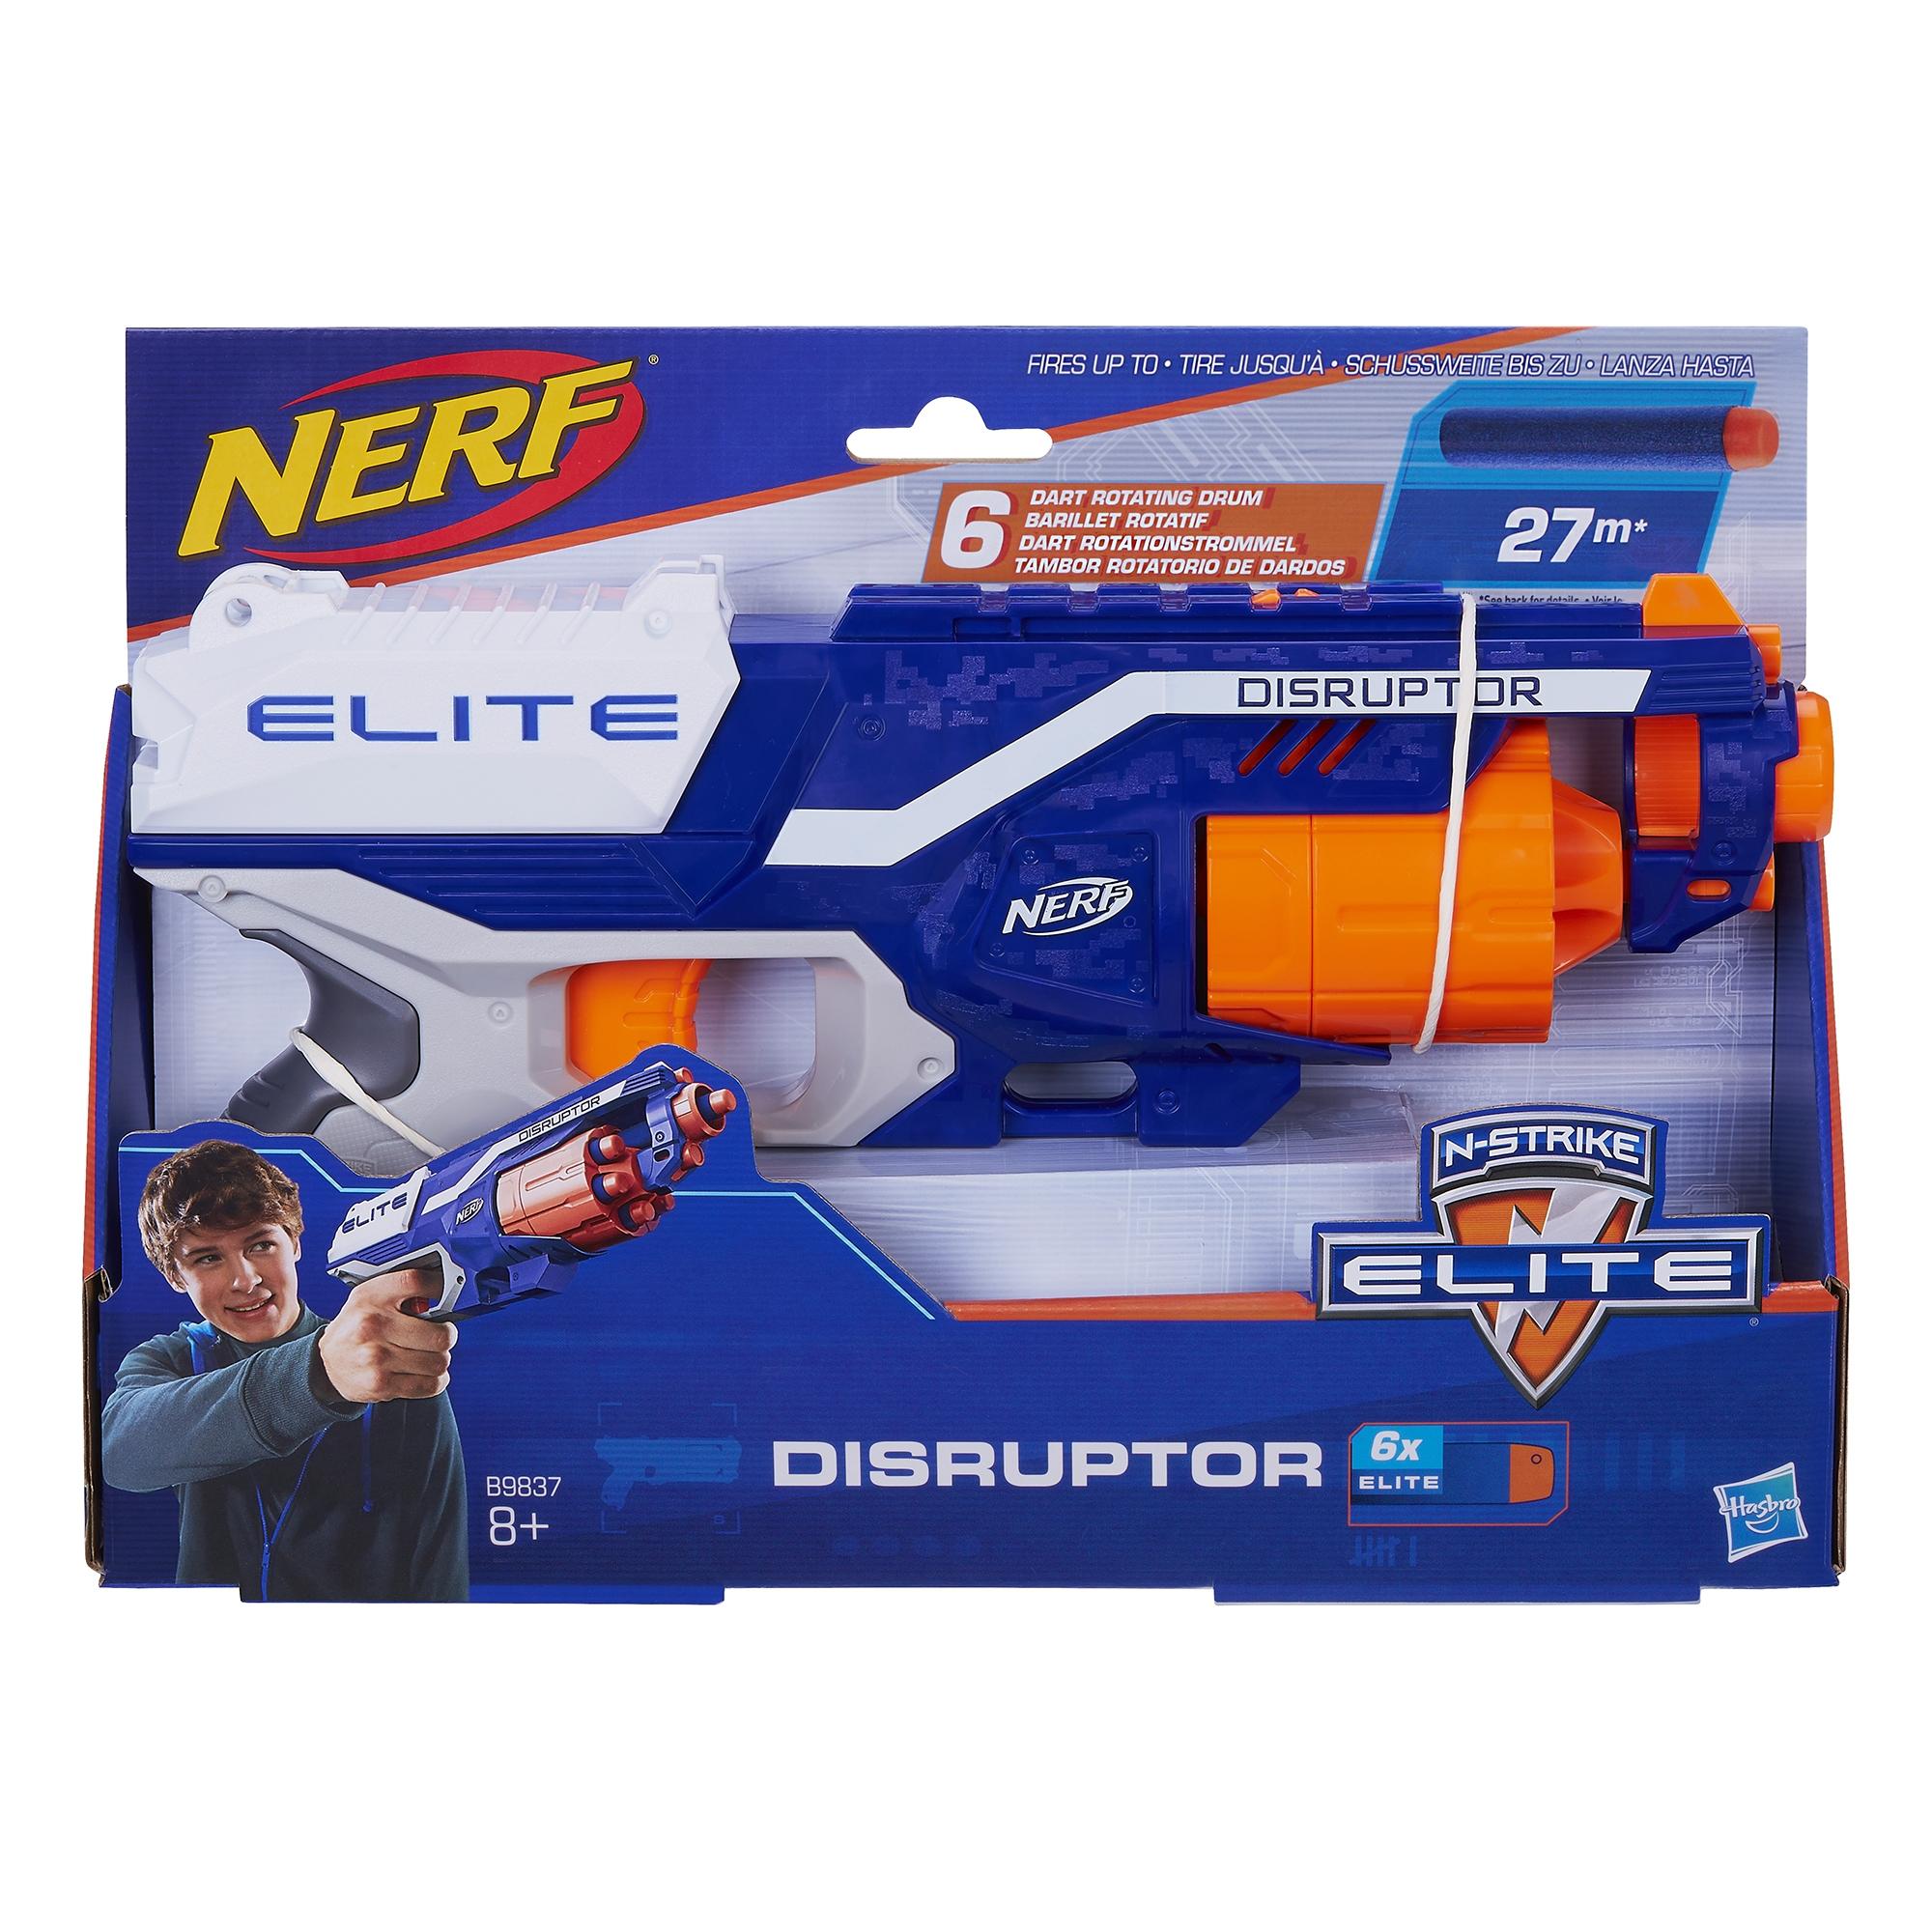 Nerf N strike disruptor - £3.50 instore @ Tesco, Essex